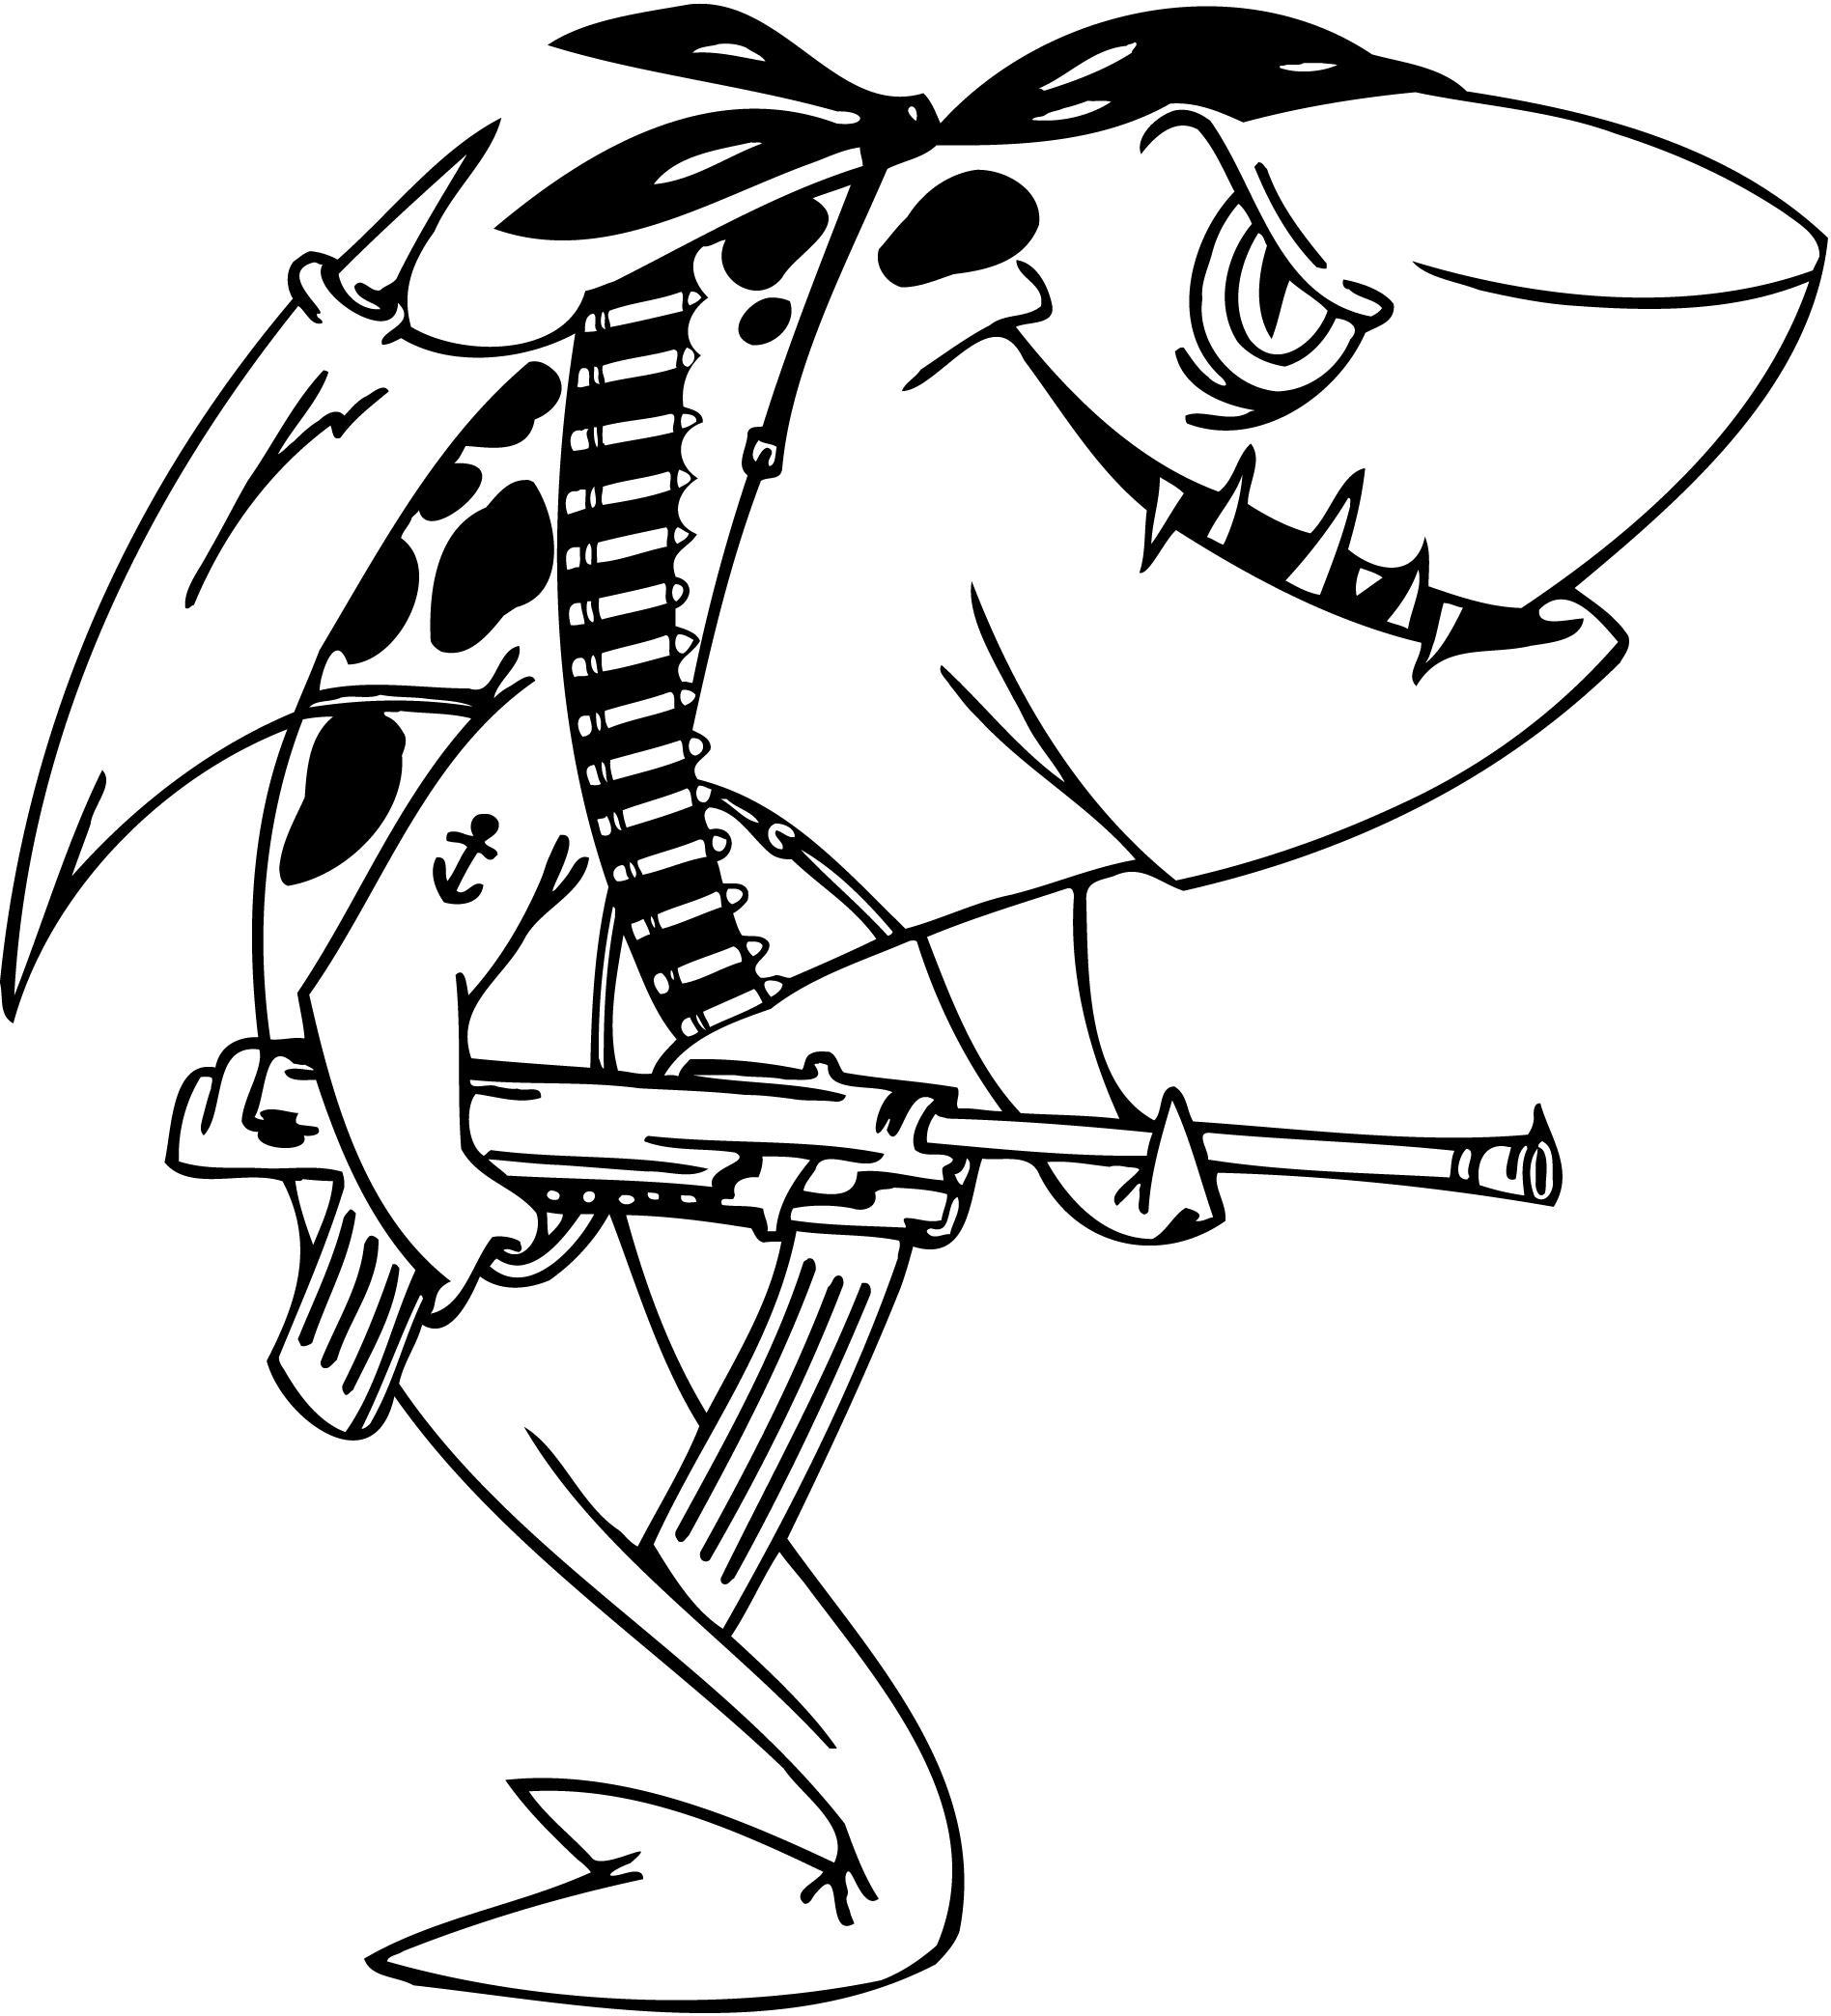 Tranh tô màu cá mập độc đáo